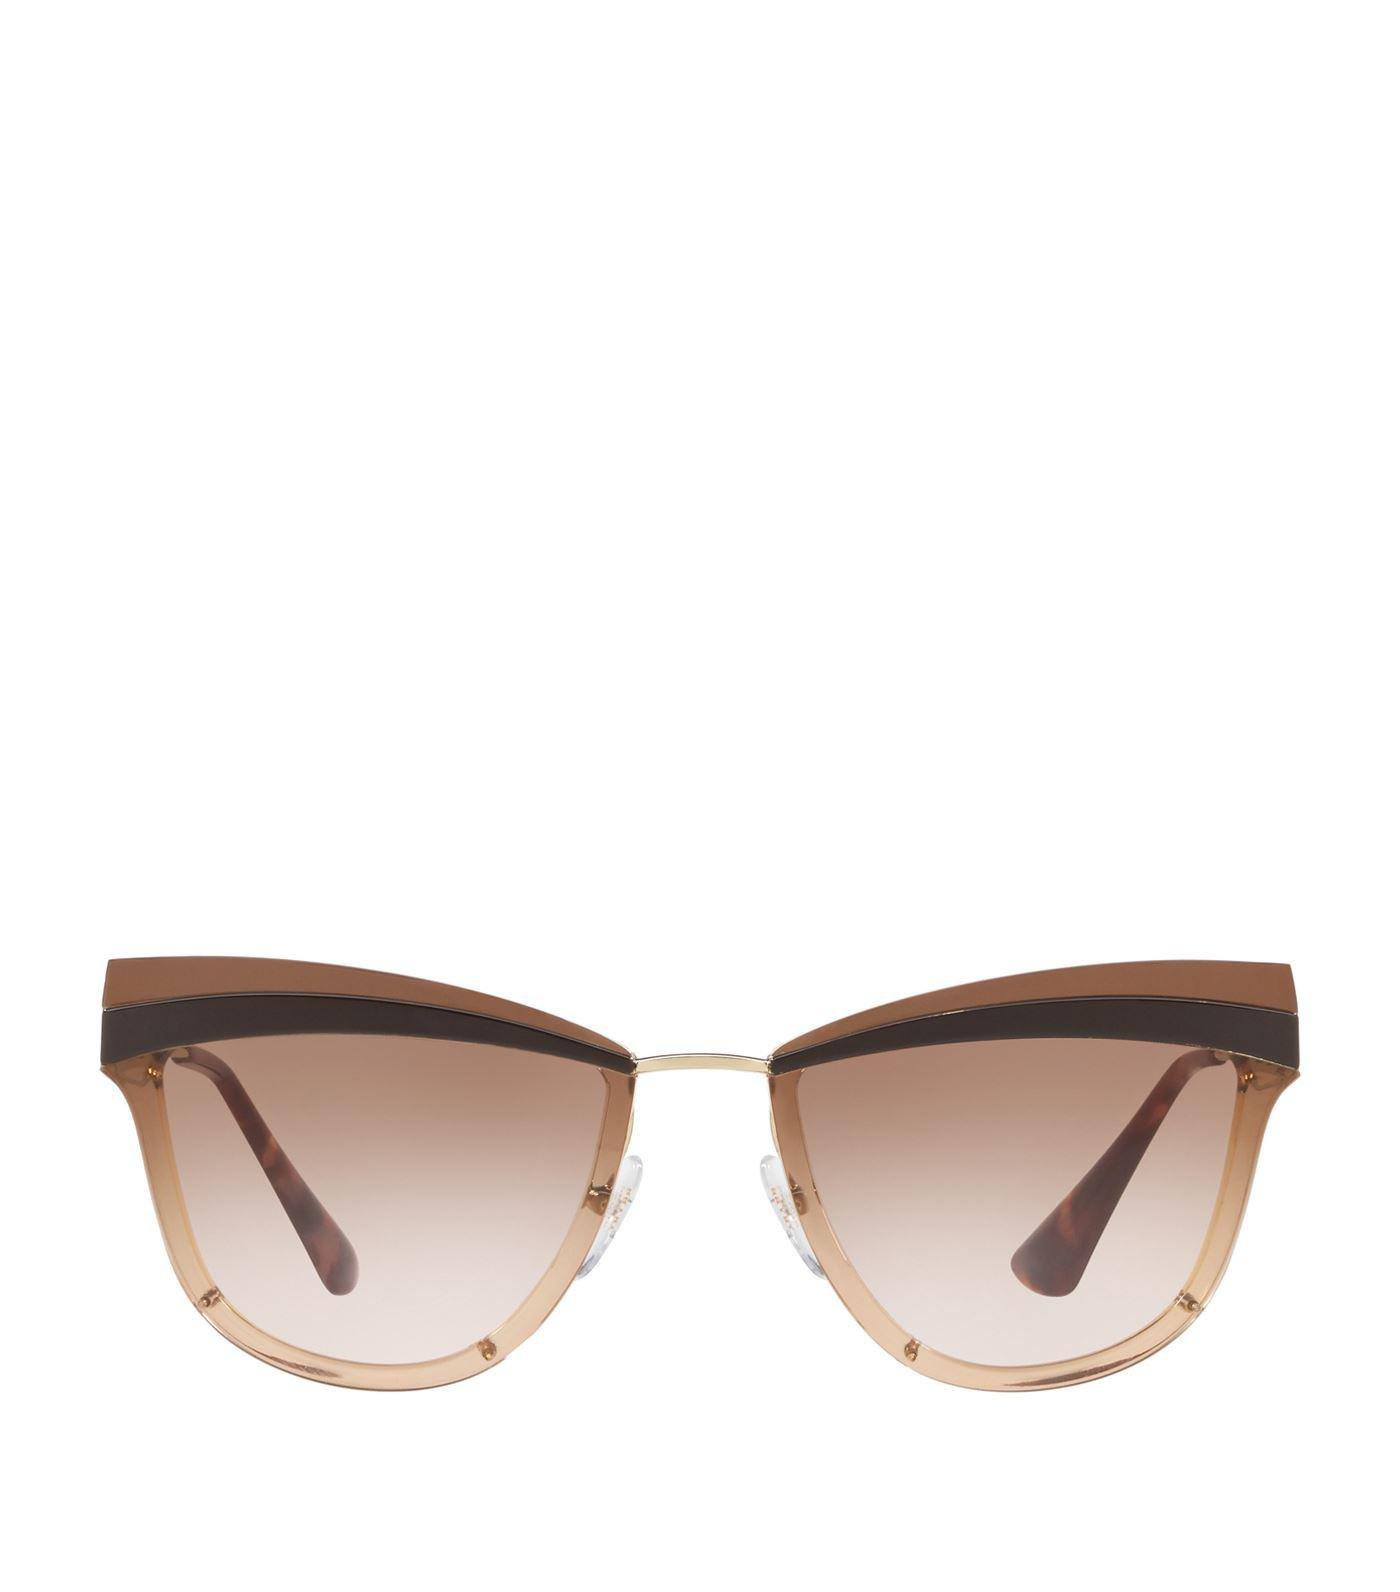 6e6a840684c4d Lyst - Prada Two-tone Cat Eye Sunglasses in Brown - Save 21%